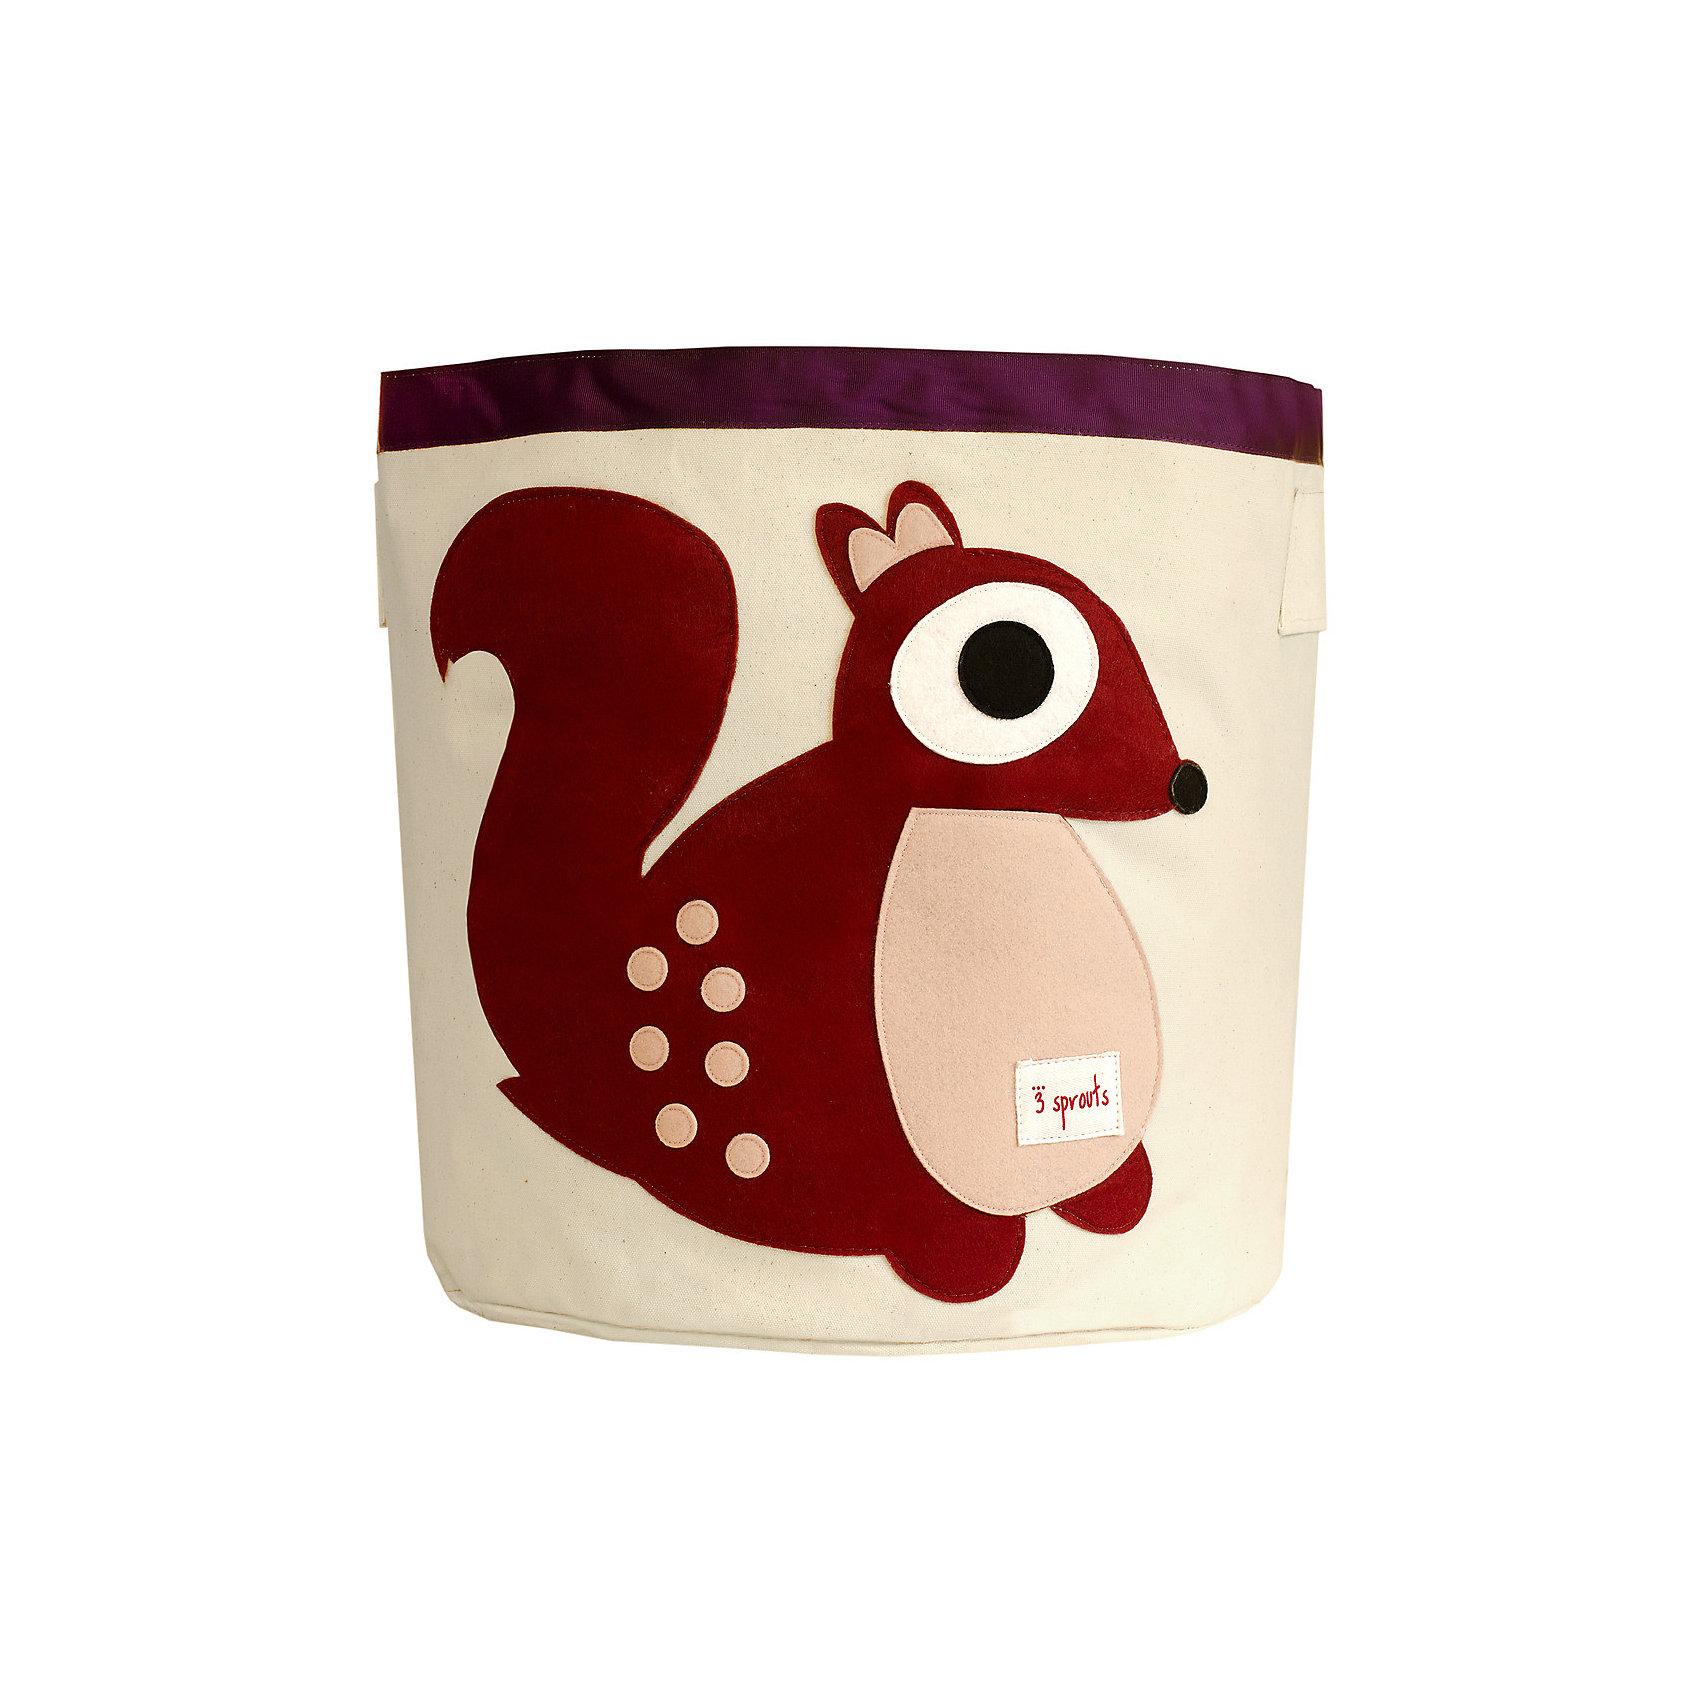 Корзина для хранения Белочка (Berry Squirrel), 3 SproutsПорядок в детской<br>Такие милые корзины помогут Вам навести порядок в детской. Размер корзины позволяет хранить в ней игрушки или белье.  <br><br>Дополнительная информация:<br><br>- Размер полотенца: 44.5х43 см.<br>- Материал: <br>100% хлопковый брезент.<br>100% полиэстровая фетровая аппликация.<br>100% полиэтиленовое покрытие (внутри).<br><br>Купить корзину для хранения Белочка (Berry Squirrel), можно в нашем магазине.<br><br>Ширина мм: 250<br>Глубина мм: 20<br>Высота мм: 450<br>Вес г: 526<br>Возраст от месяцев: 6<br>Возраст до месяцев: 84<br>Пол: Унисекс<br>Возраст: Детский<br>SKU: 5098211